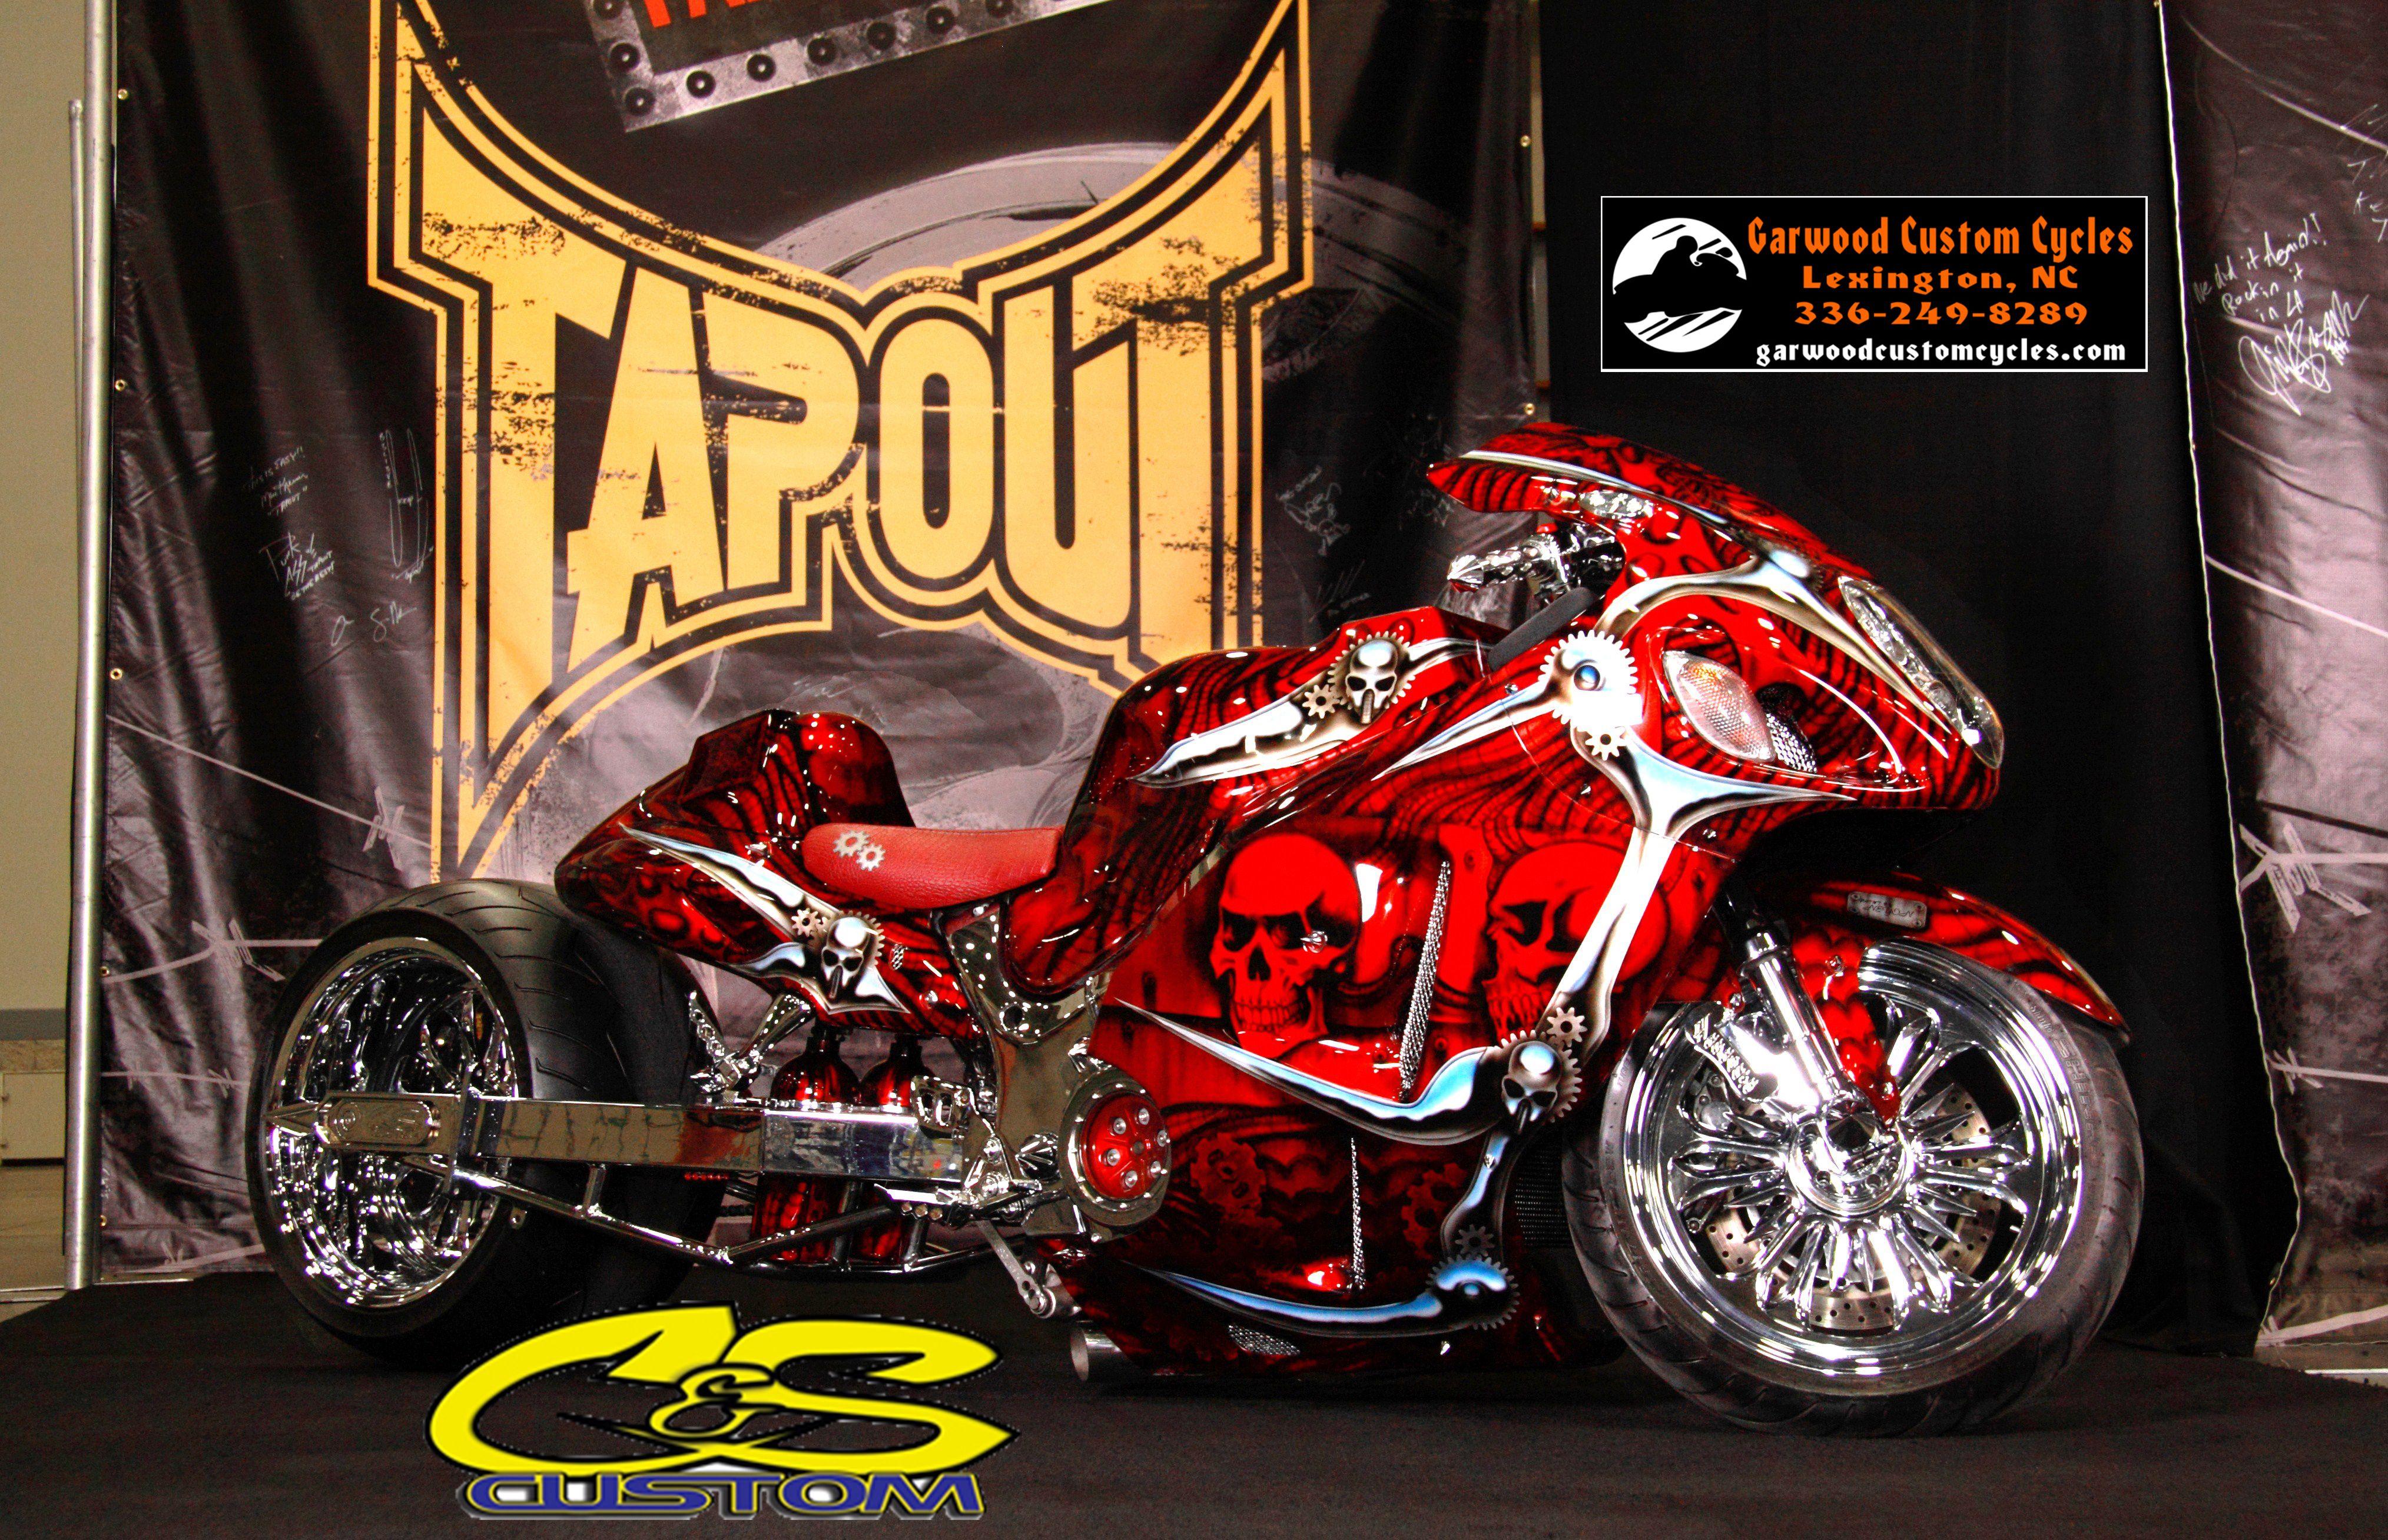 Hotwire by Garwood custom cycles GCC Sportbike